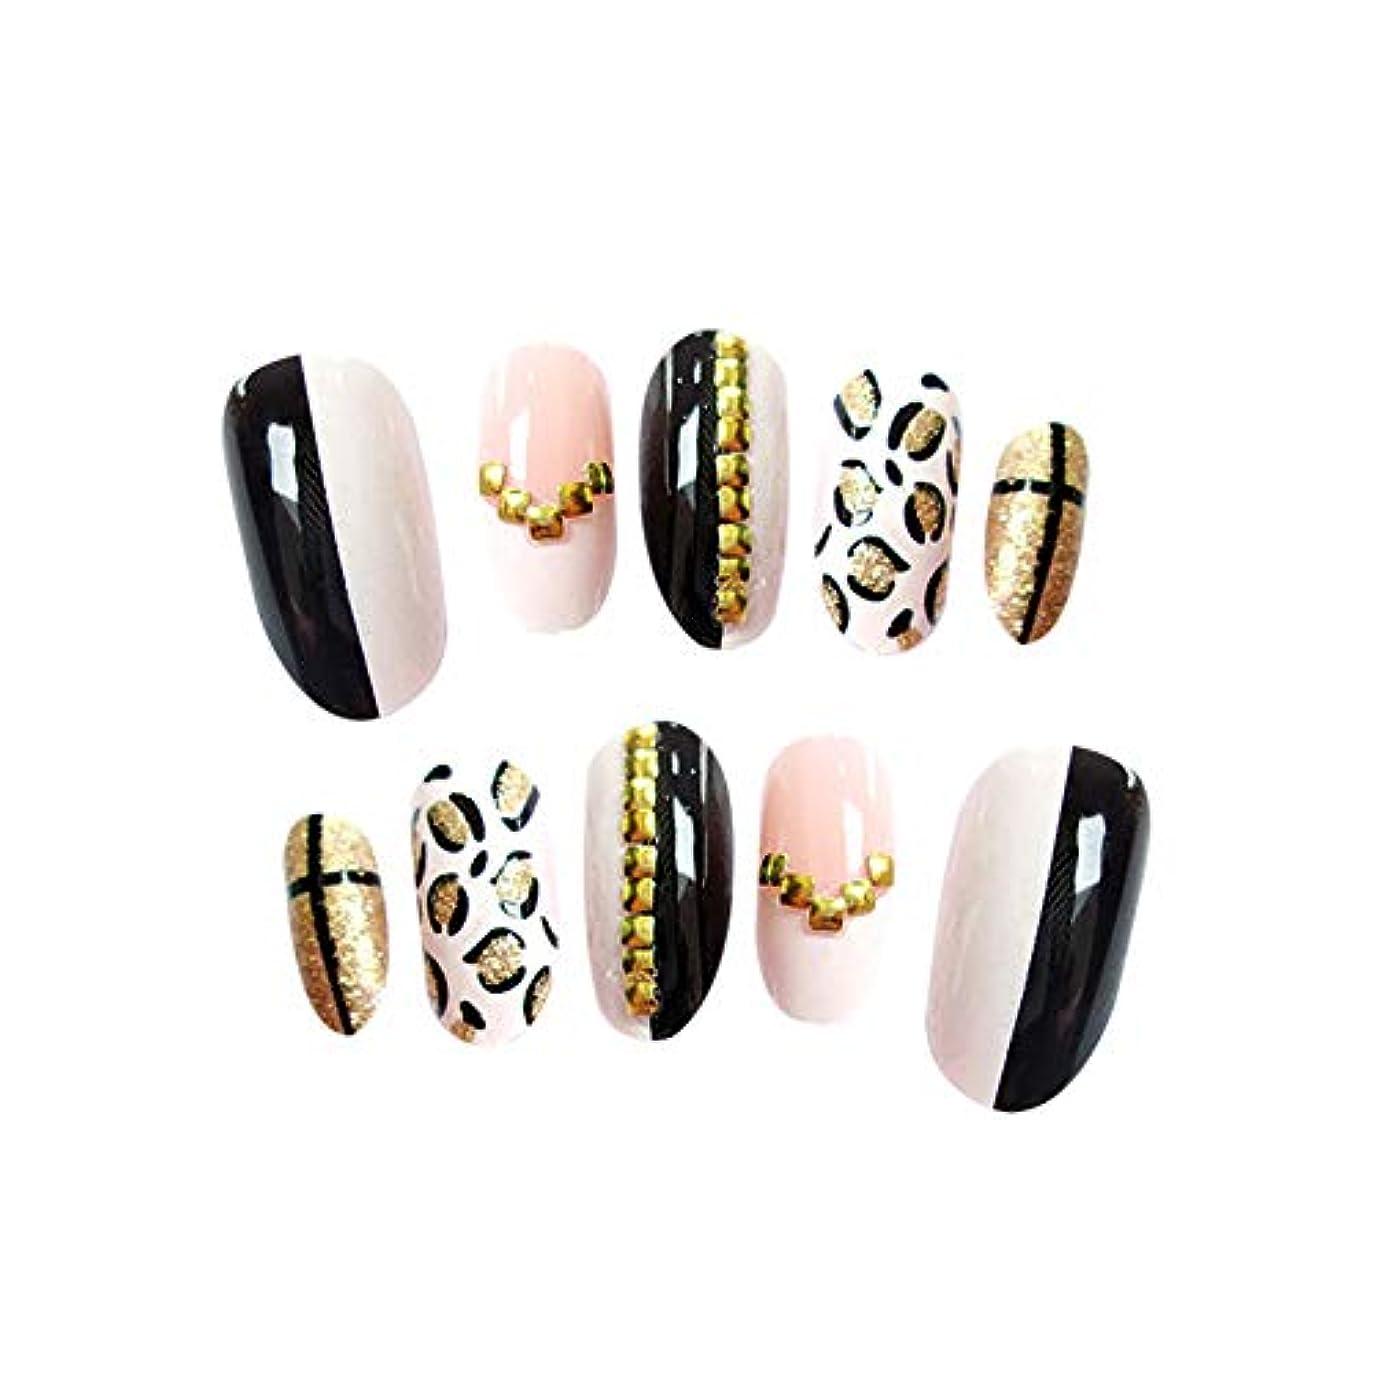 シンプルな大量勝利したPoonikuuネイルアートシール 手作りネイルチップ レンダリング偽のネイル 手爪 ネイルステッカー ネイル好きの女性 ファション 便利シンプル ヒョウ柄ネイルパッチ 1セット24枚 接着剤付き